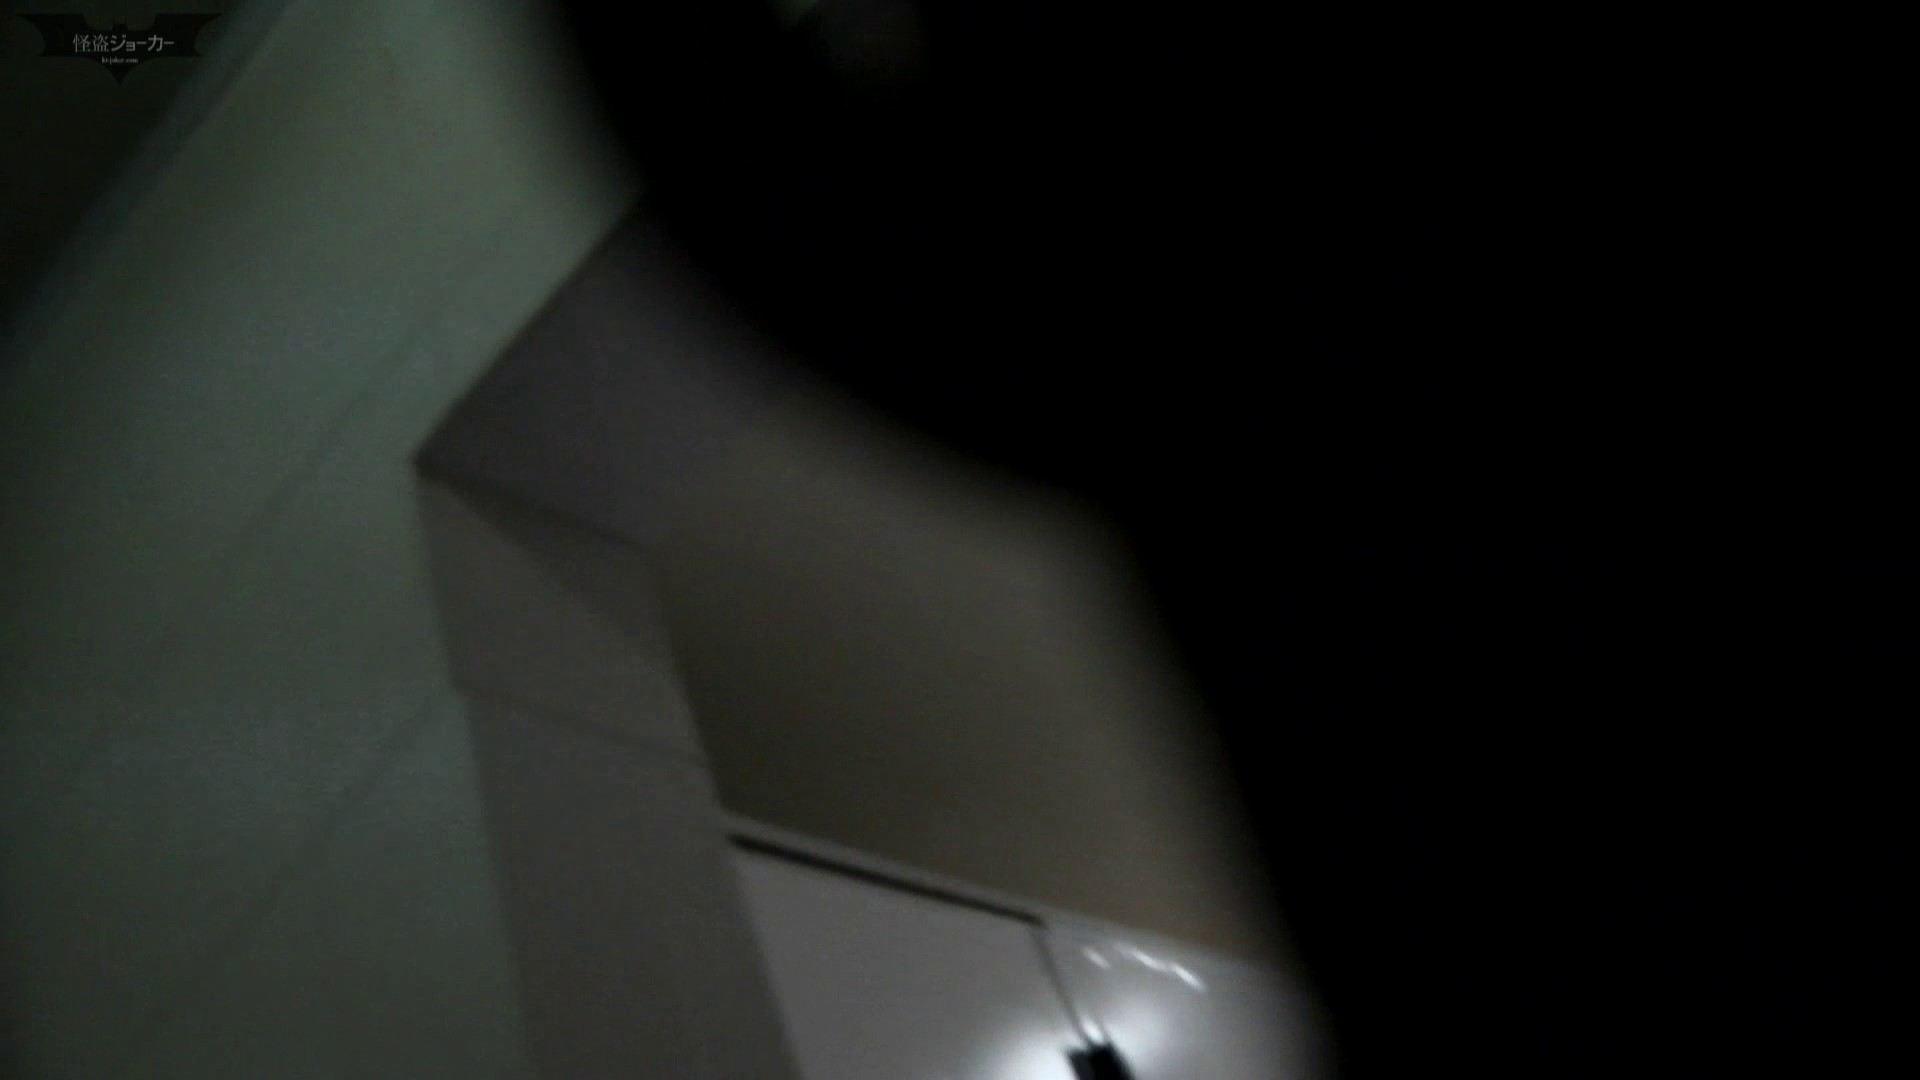 下からノゾム vol.018 スタイルいい子に、ついついて入っちゃった。 洗面所  69PIX 2